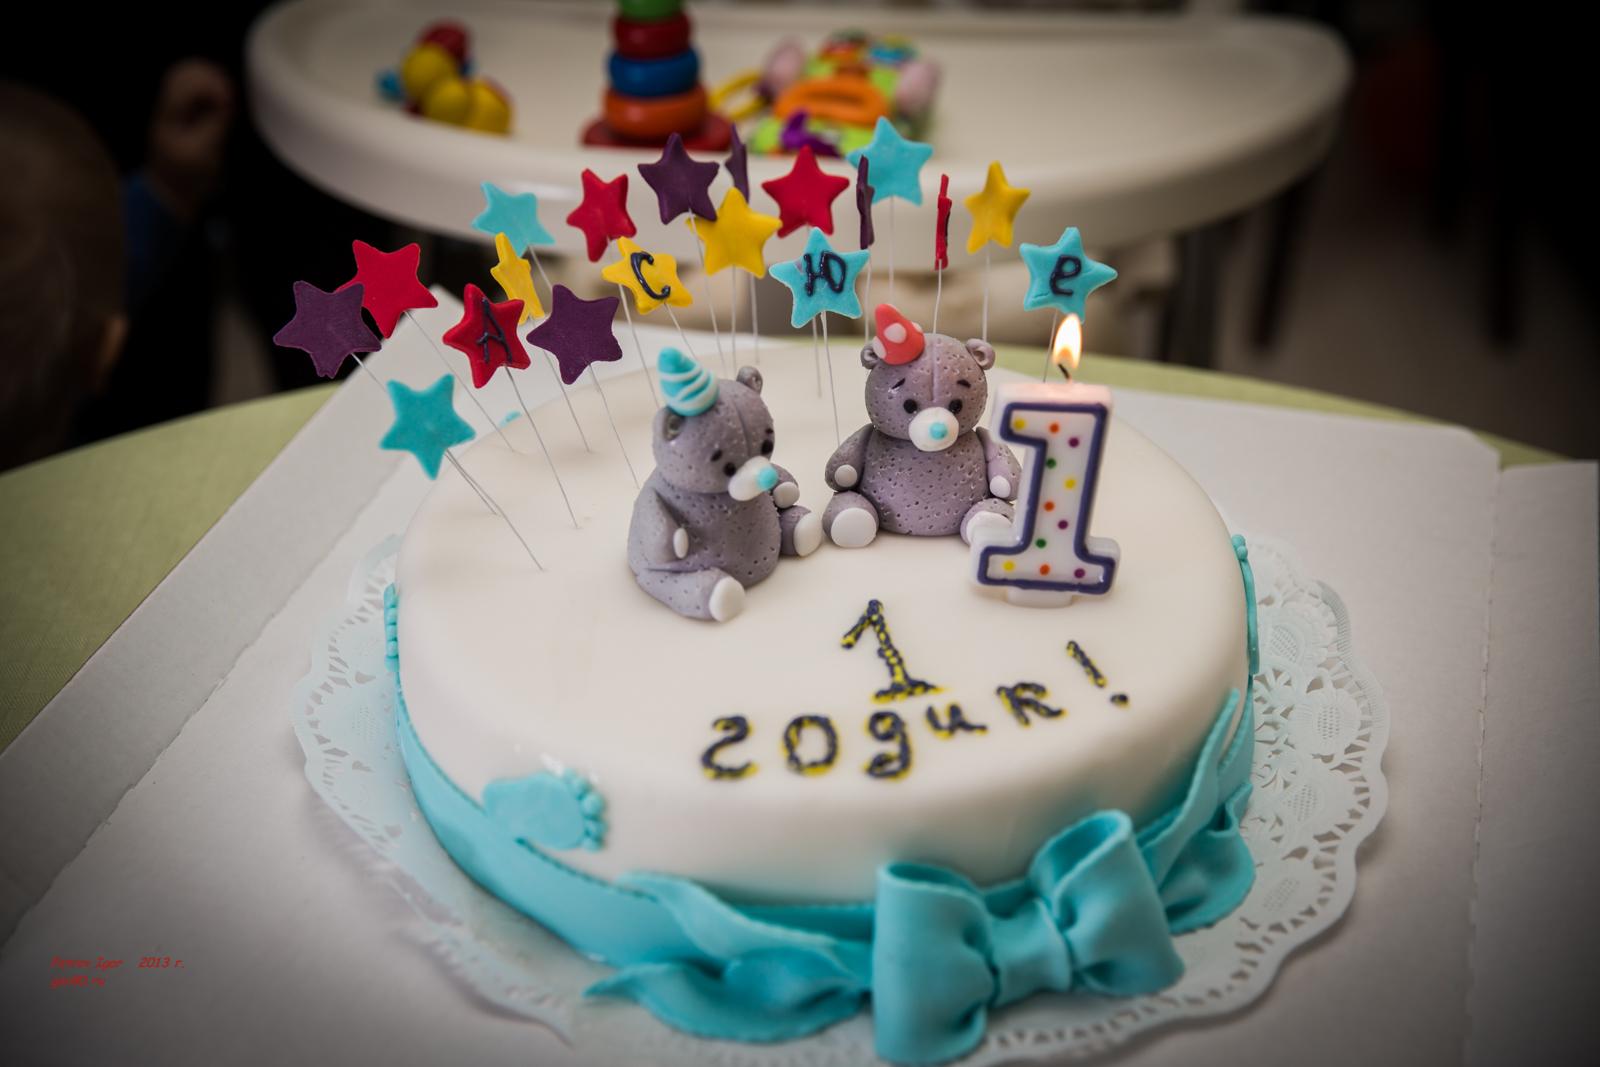 Картинки тортов с днем рождения на годик